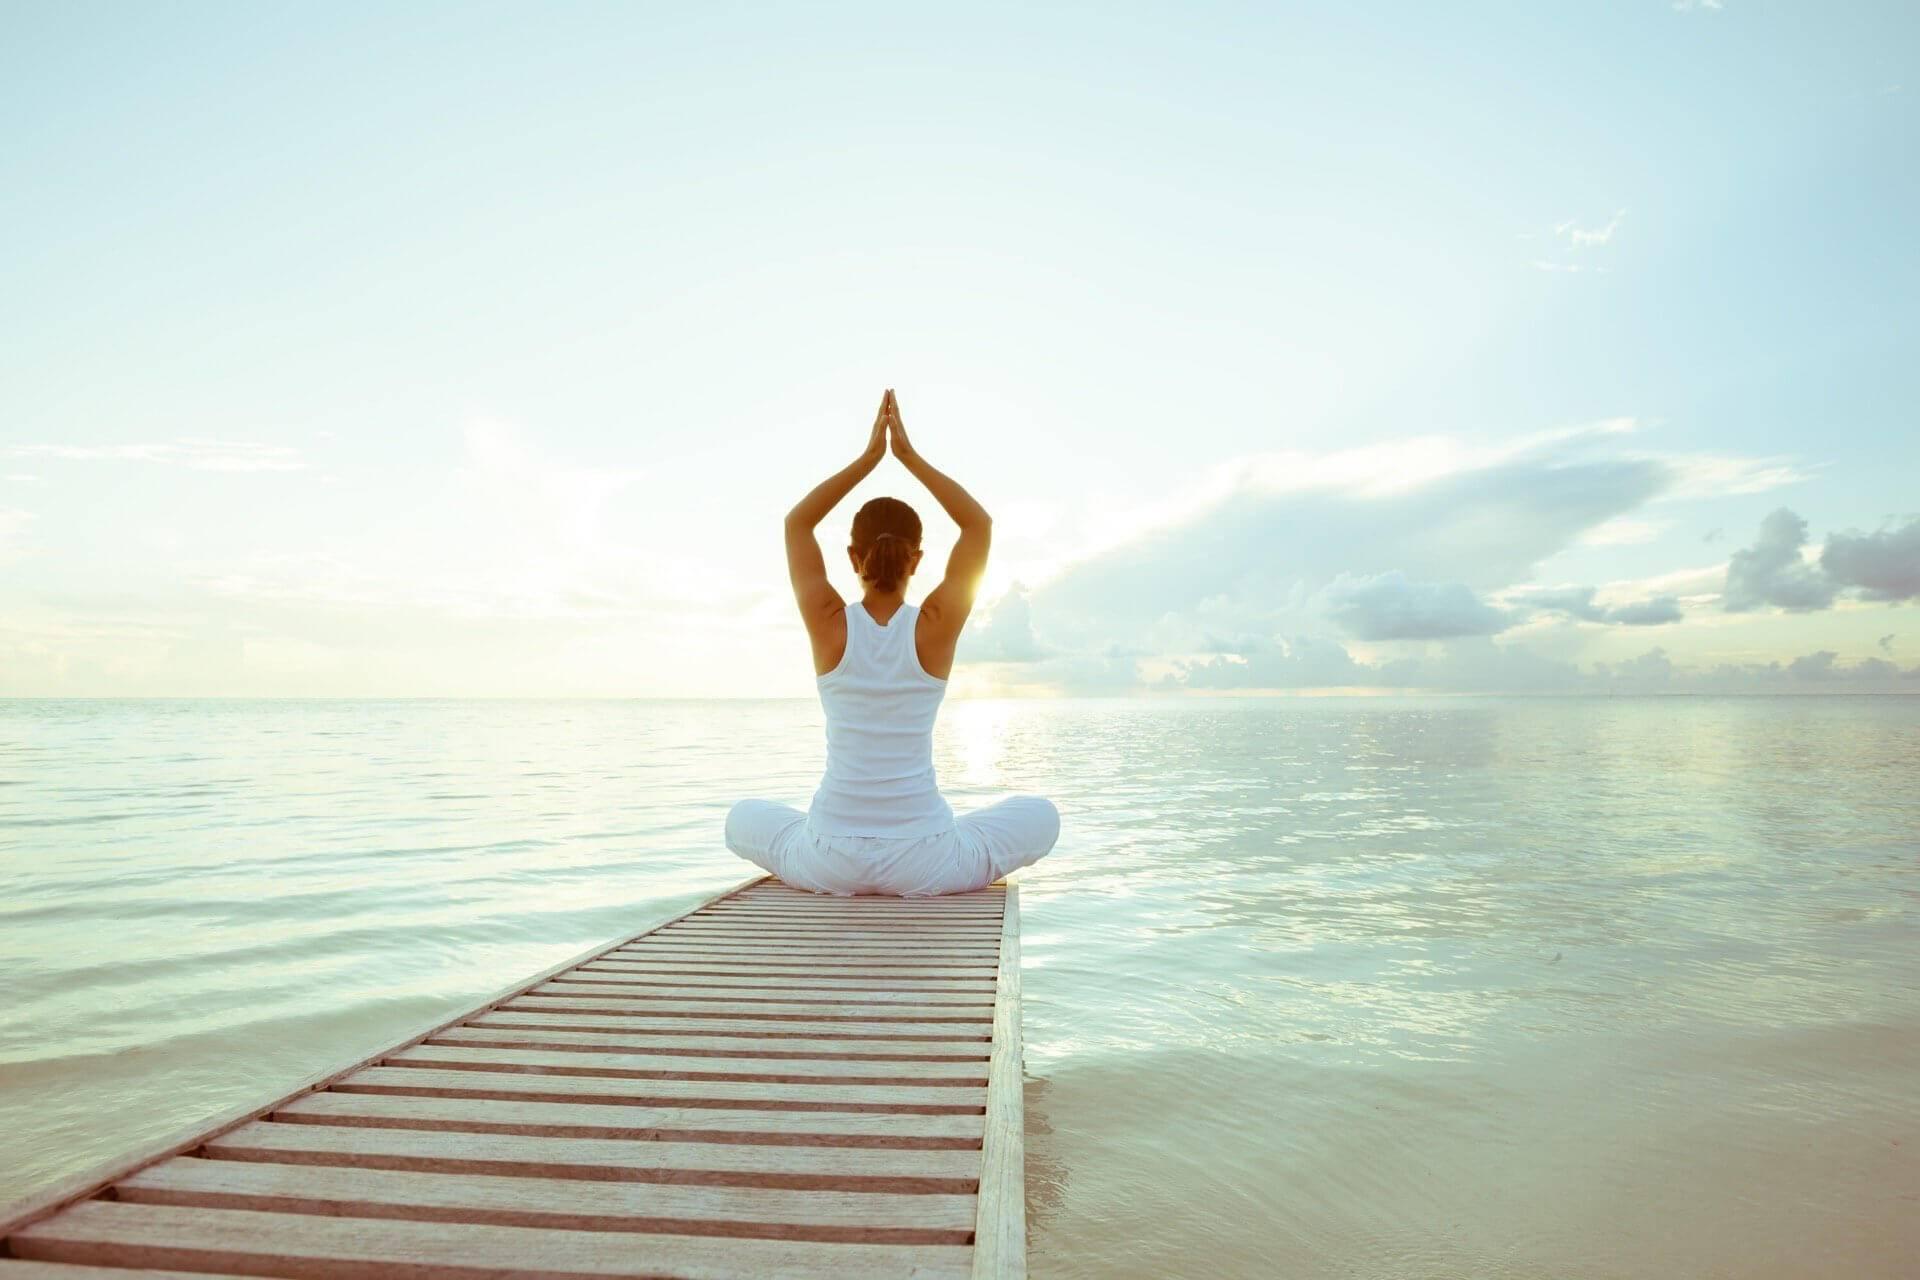 Медитация ом. звук ом для медитации | видео-медитации